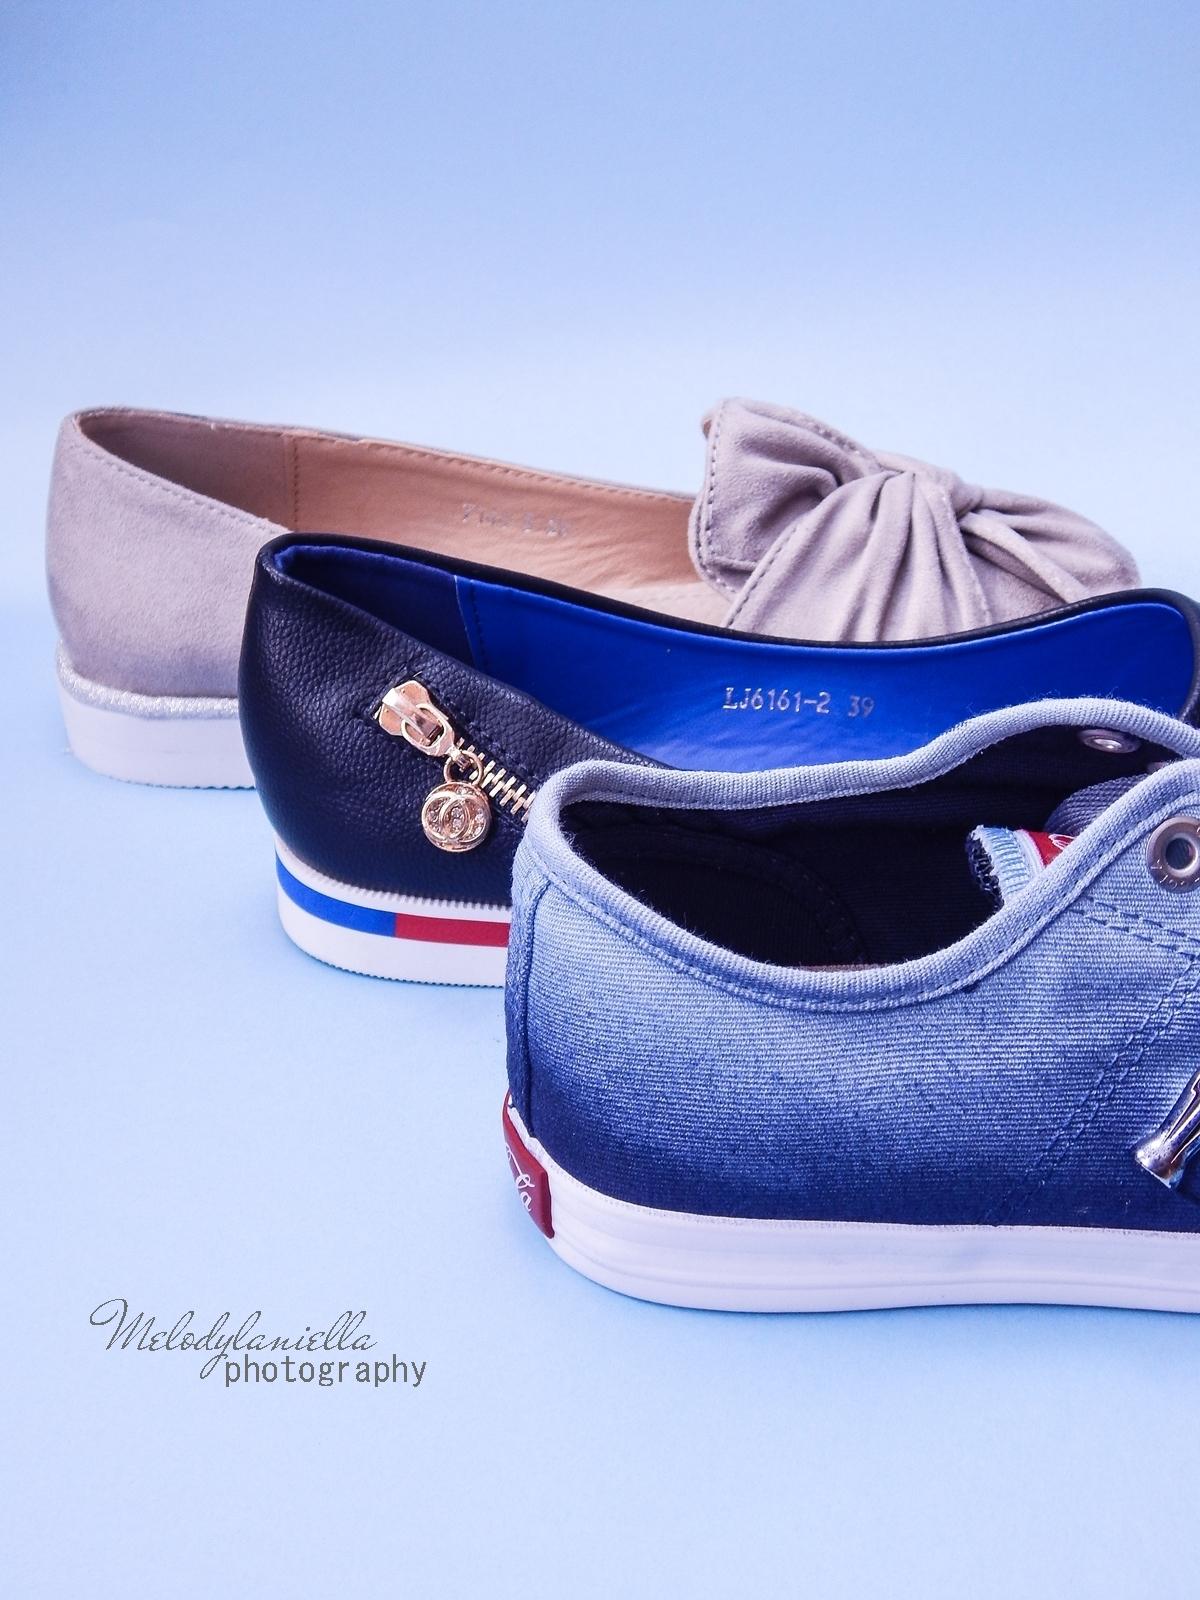 11 buty łuków baleriny tenisówki mokasyny sandały z ponopnami trzy modele butów modnych na lato melodylaniella recenzje buty coca-cola szare półbuty z kokardą buty na wesele buty do sukienki moda